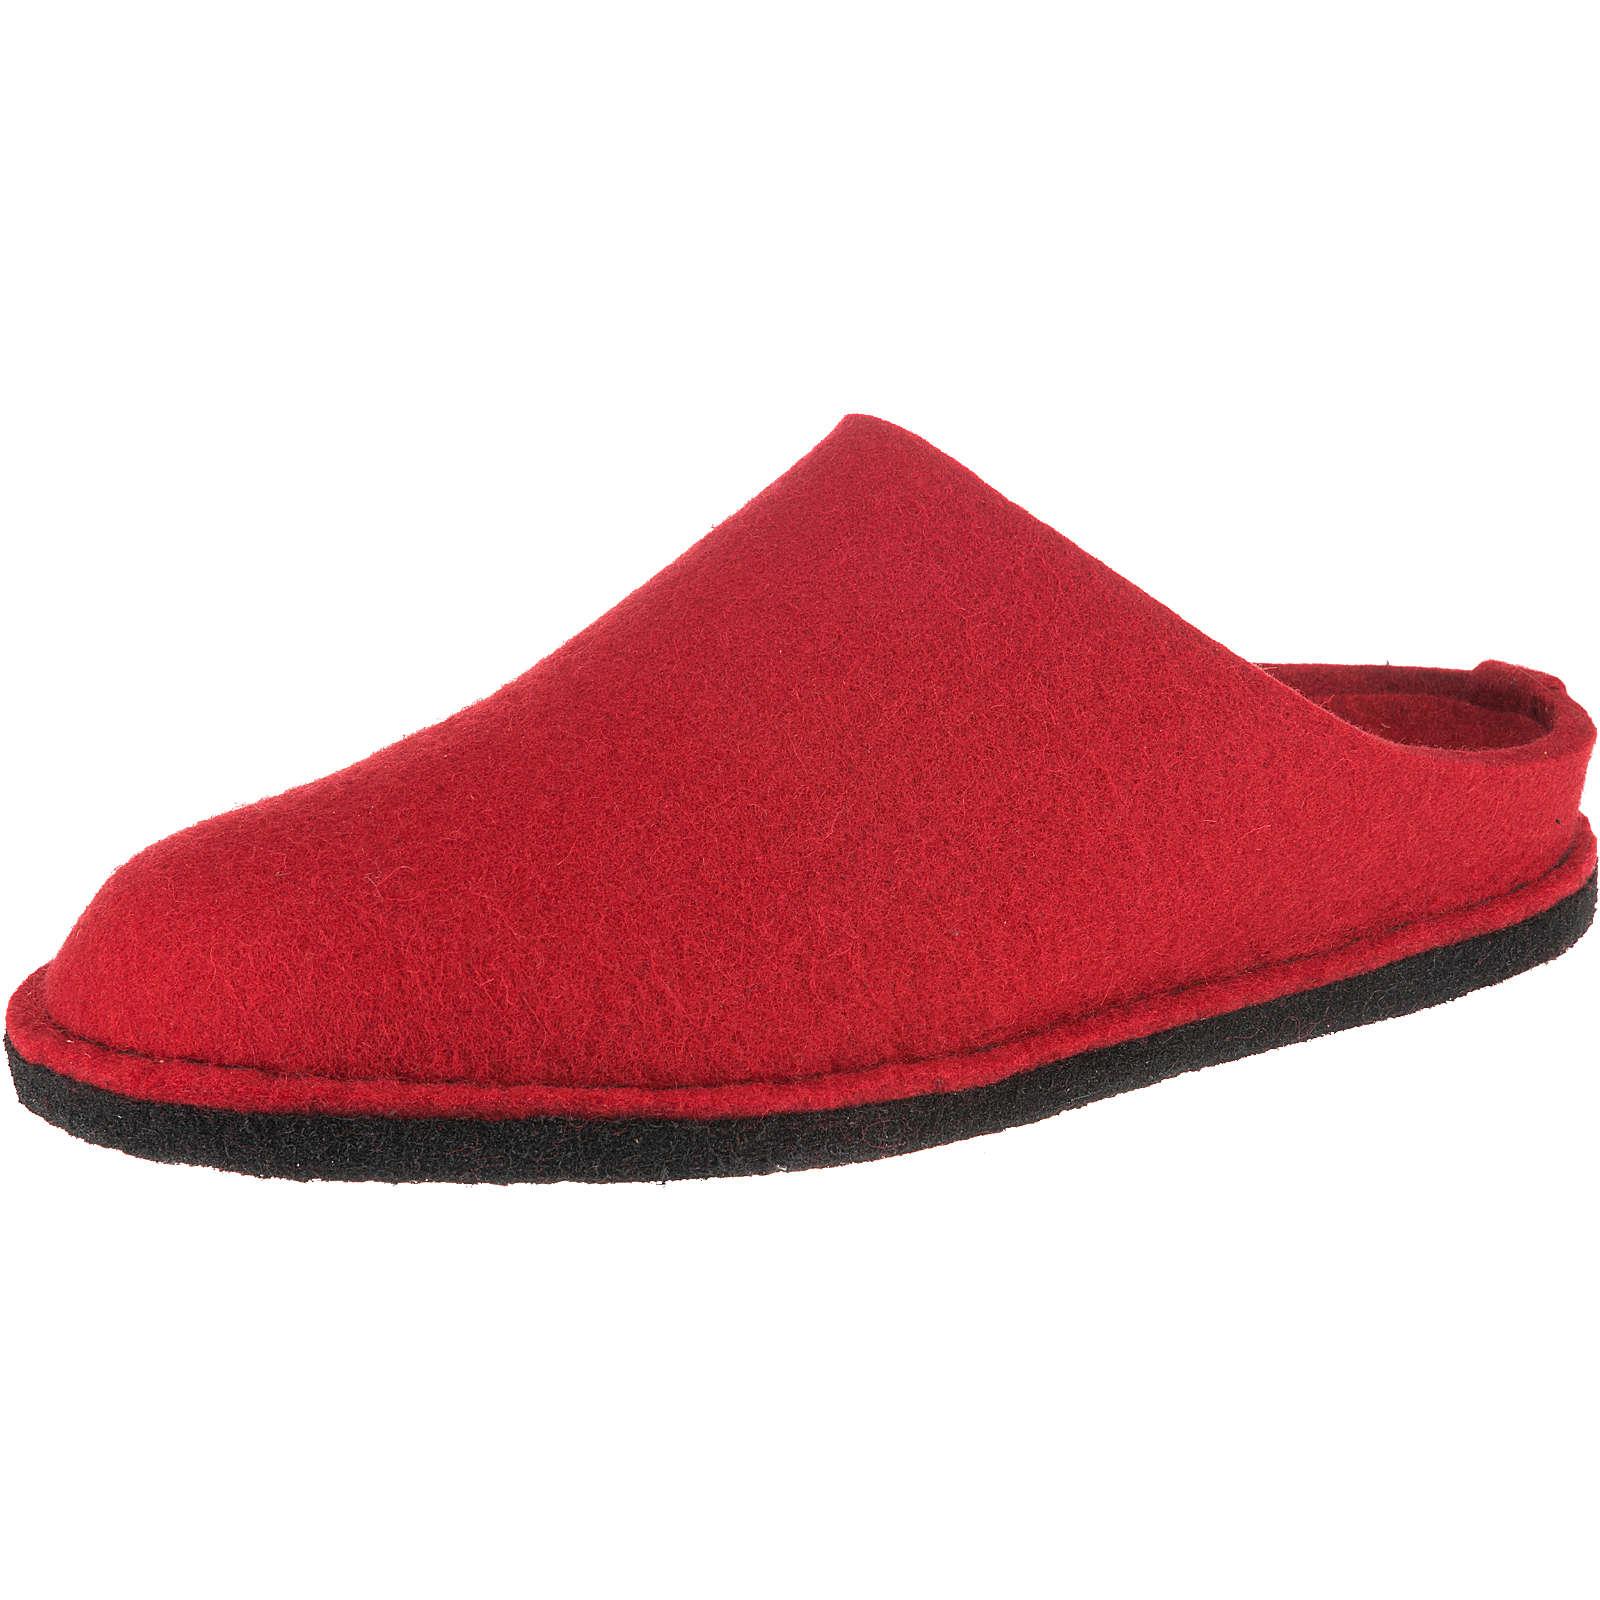 HAFLINGER Soft Pantoffeln rot Damen Gr. 37